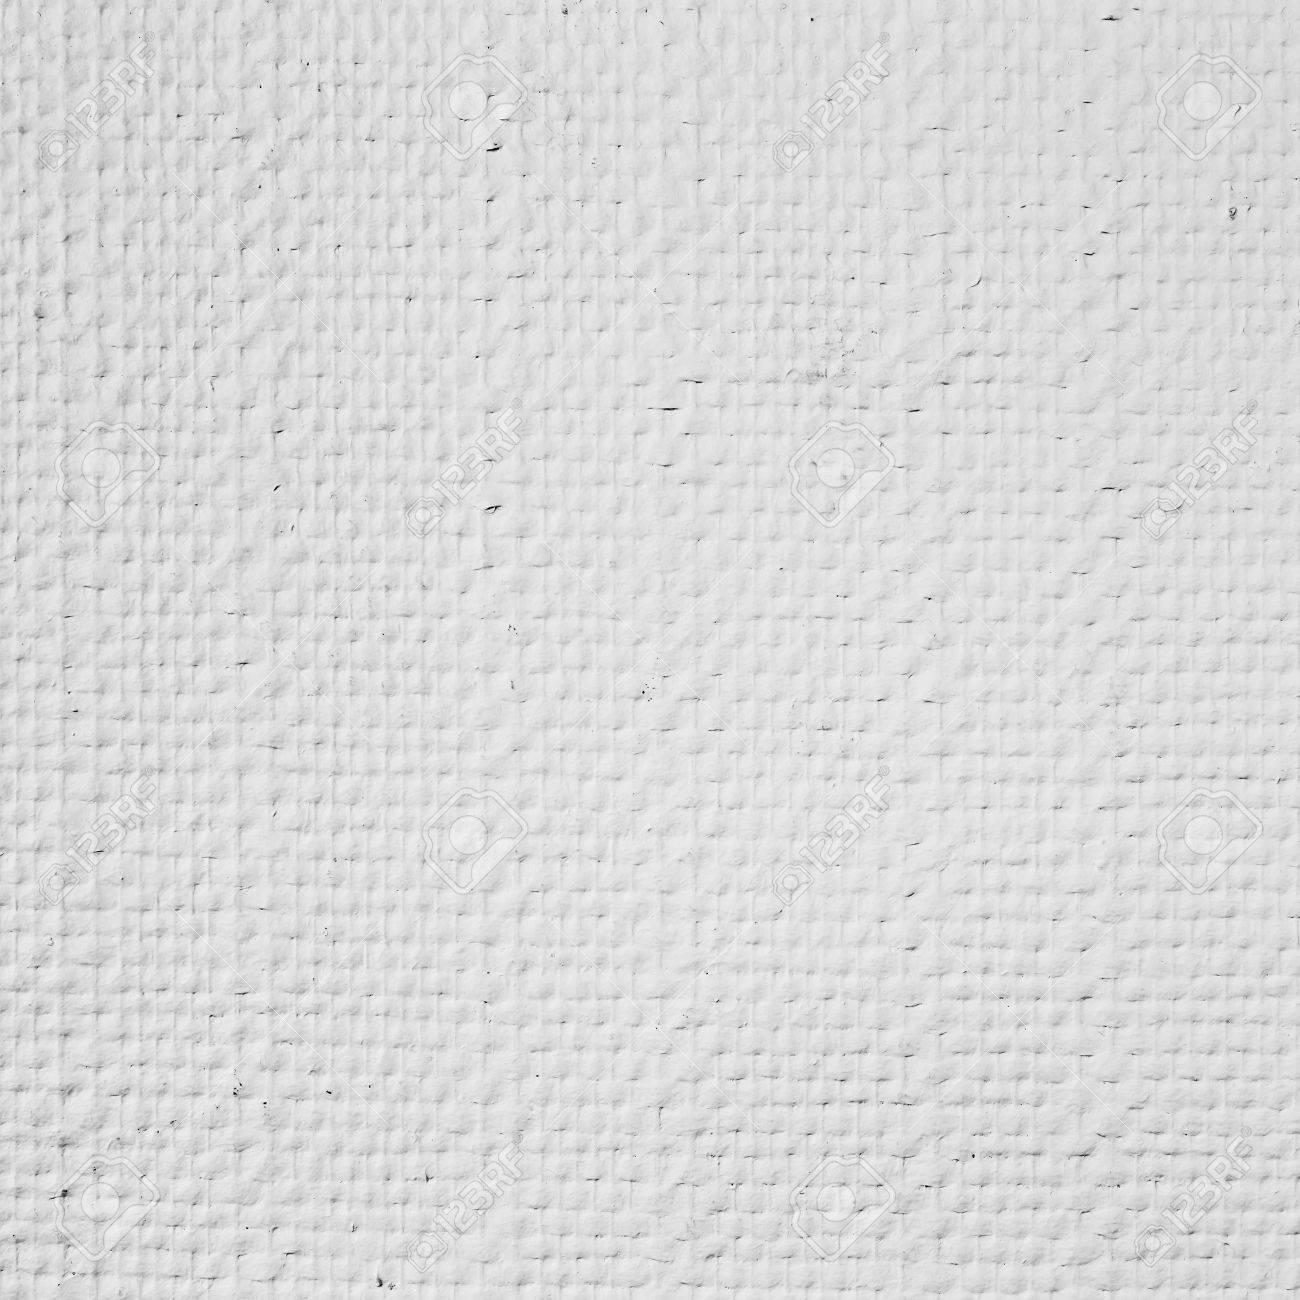 Papier Peint Peint En Relief Blanc Texture Detaillee De Fond Photo